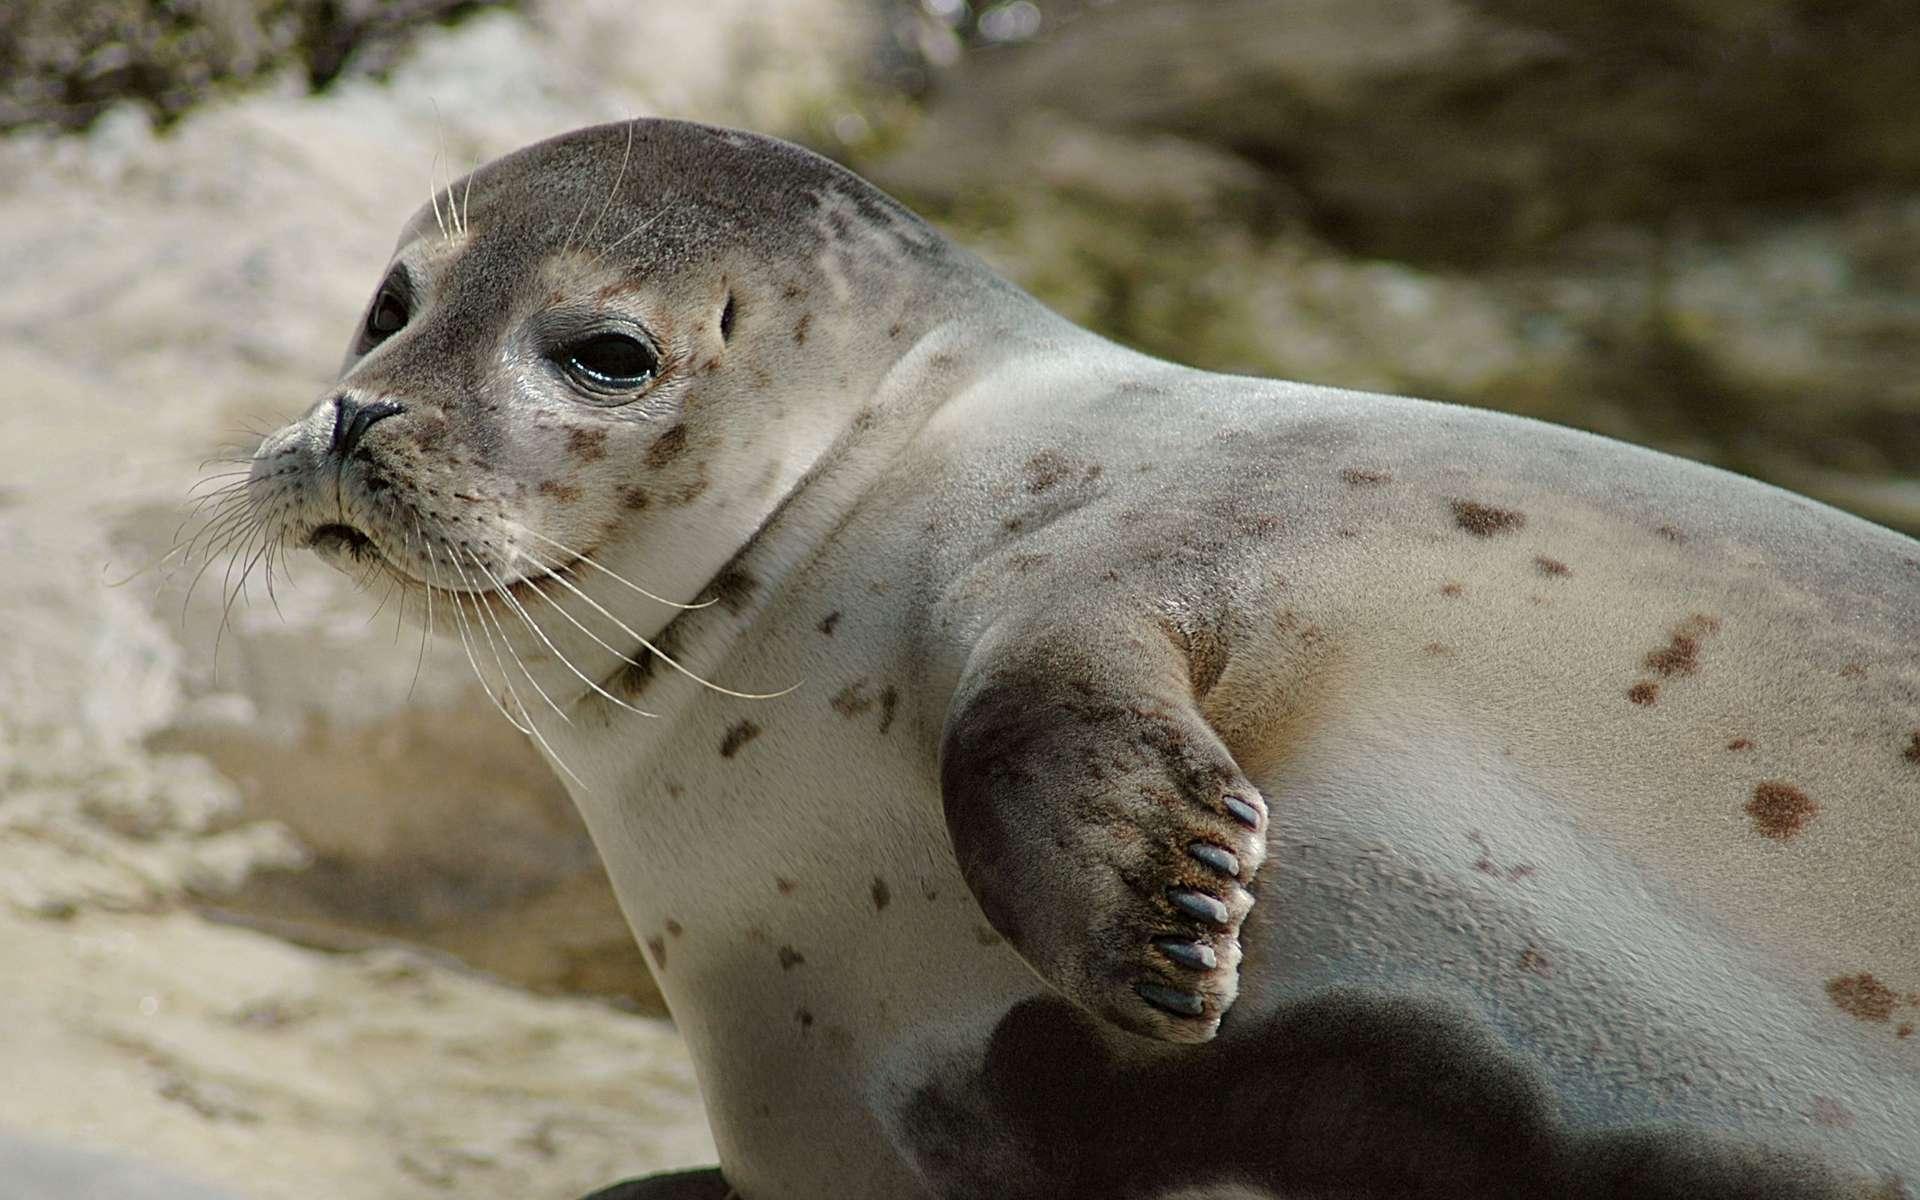 Pourquoi y a-t-il des phoques dans la baie de Somme ? © Marcel Burkhard, Wikimedia Commons, CC by-sa 2.0